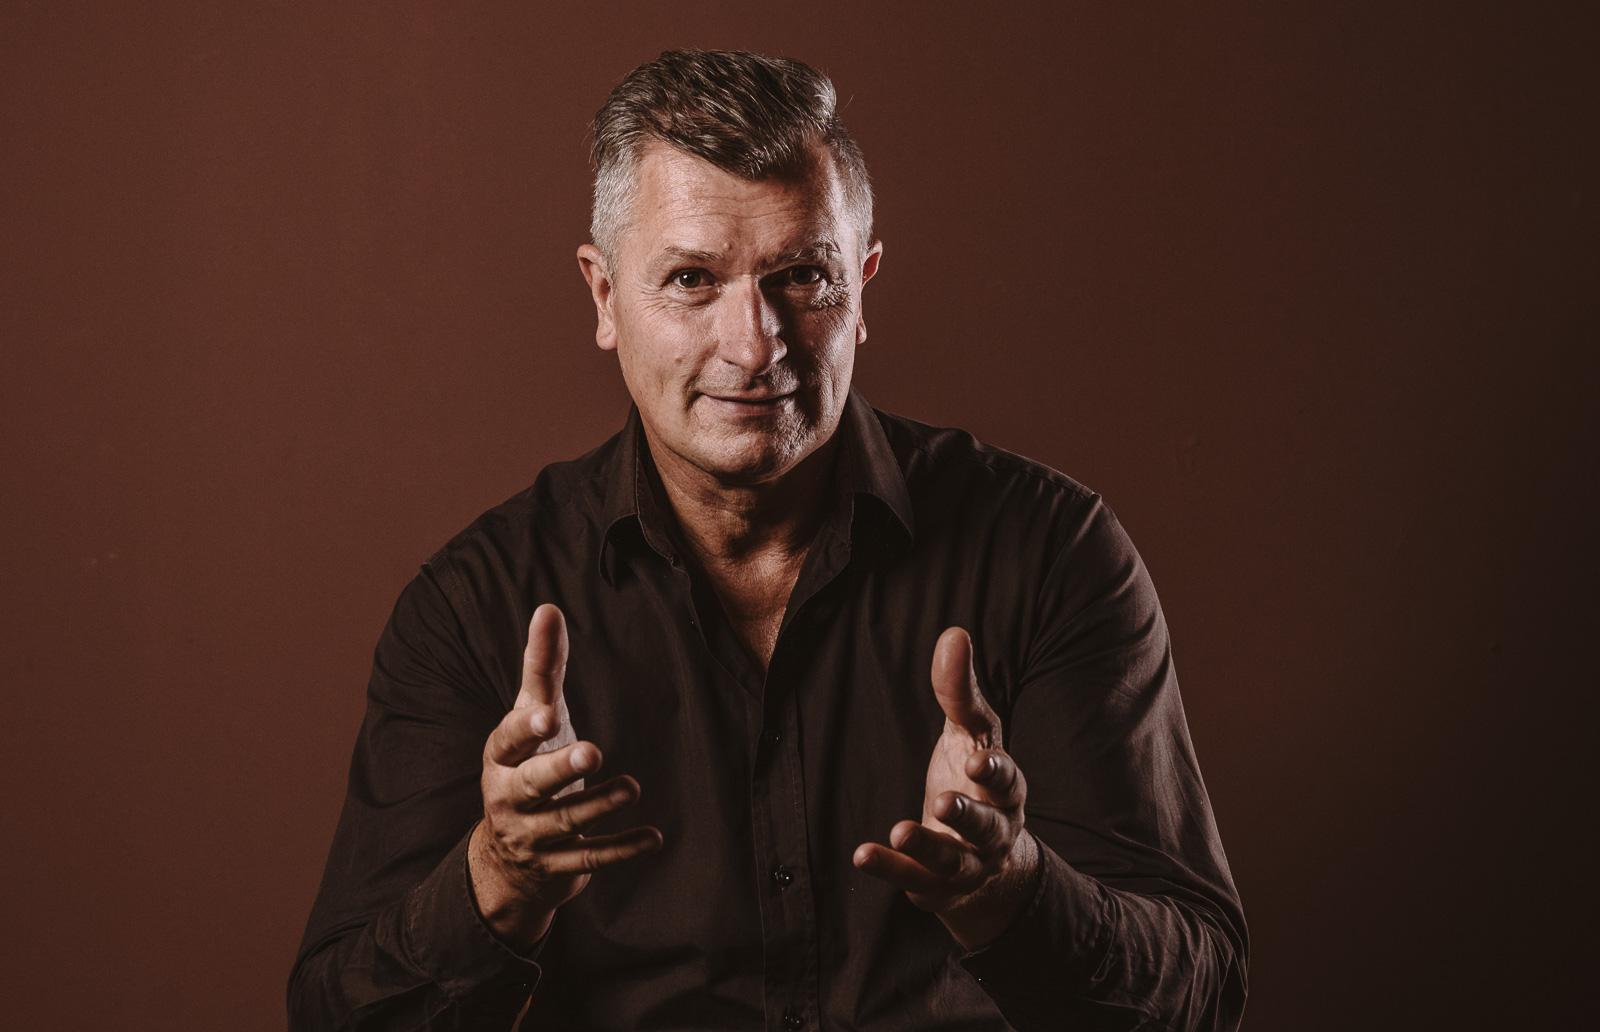 Porträtshooting - Gilbert Köhne bespricht sich mit Kunden